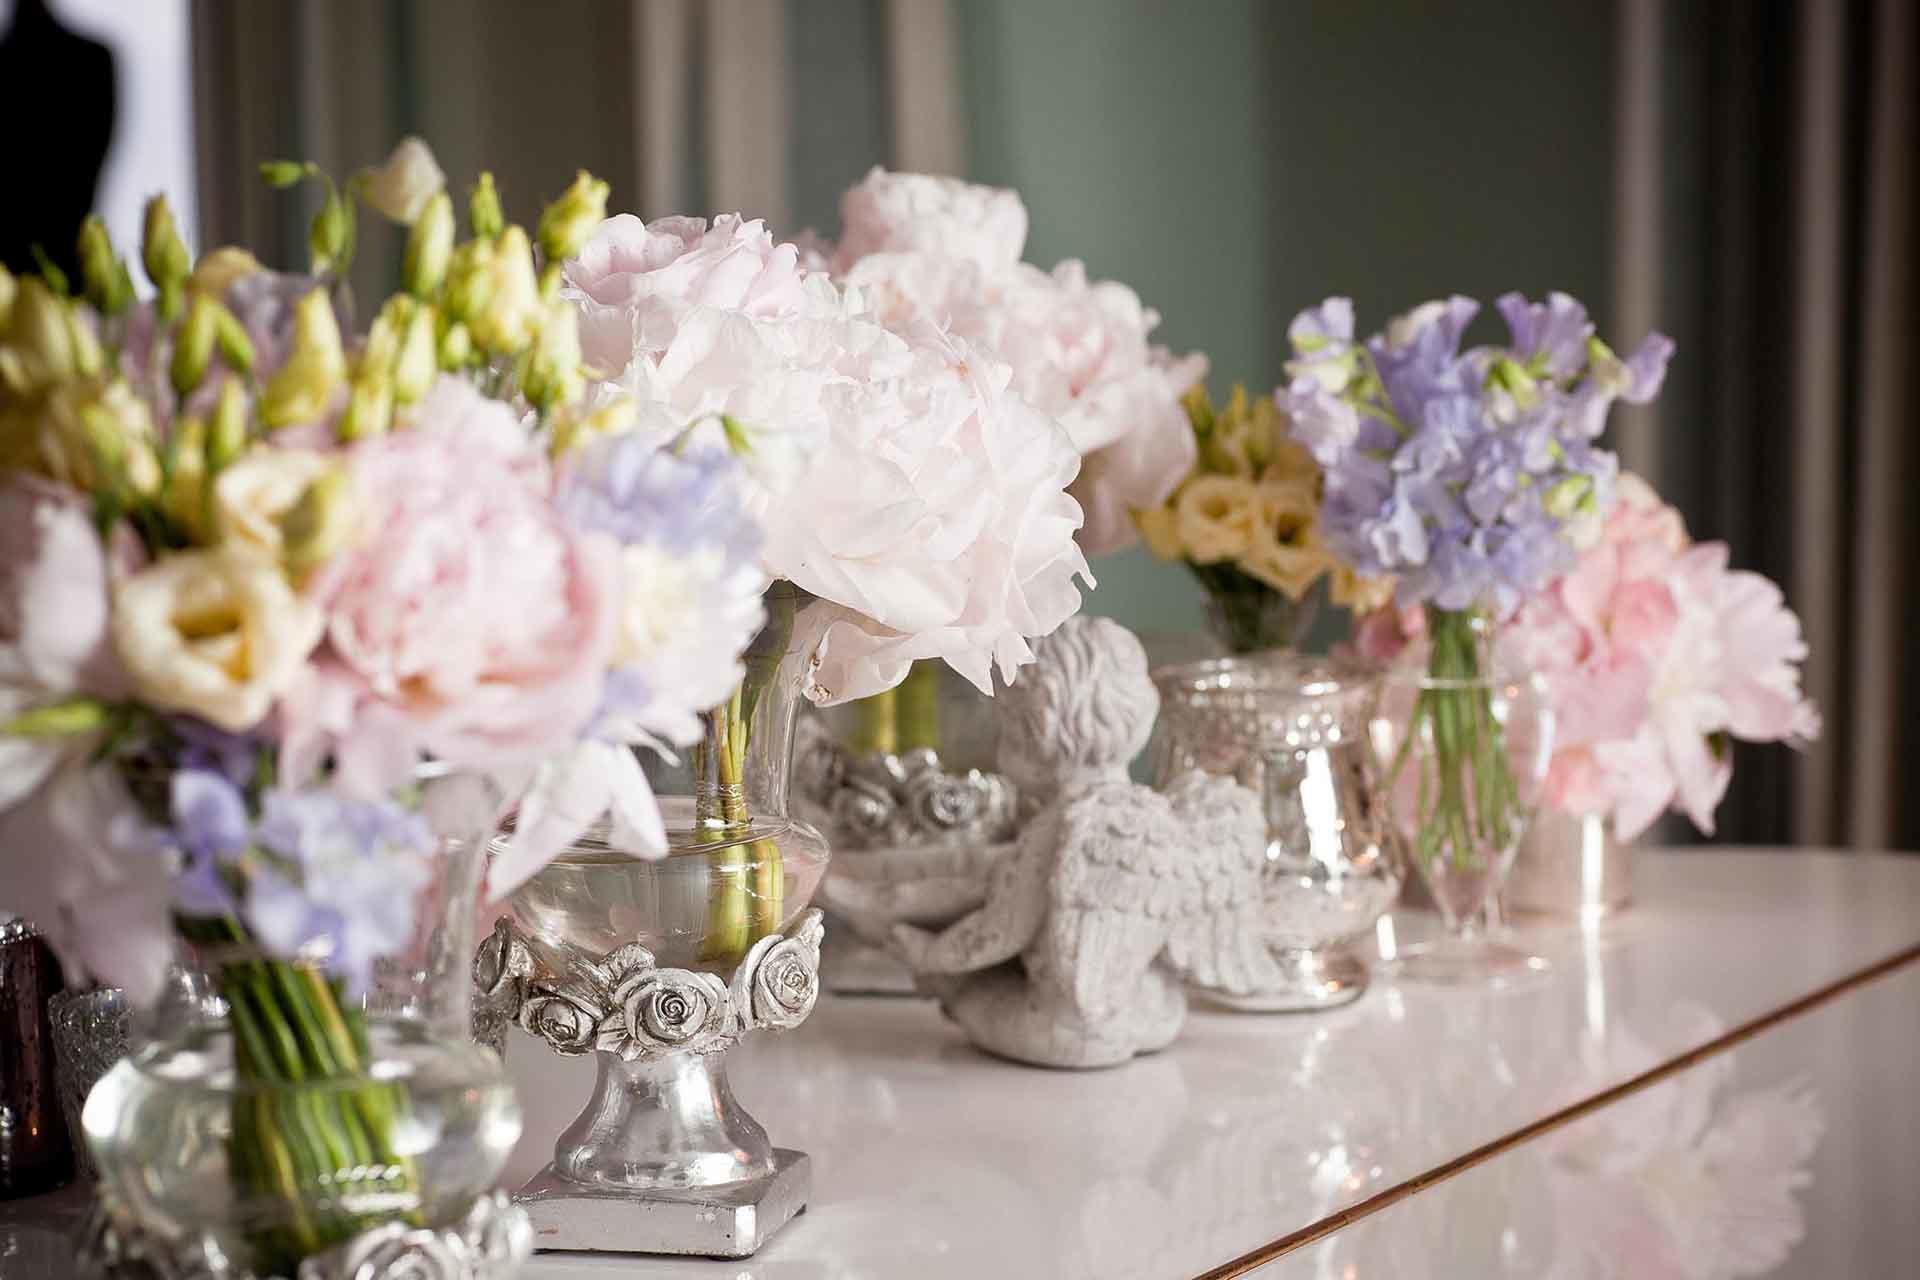 Un petit angelot et de délicats bouquets de fleurs